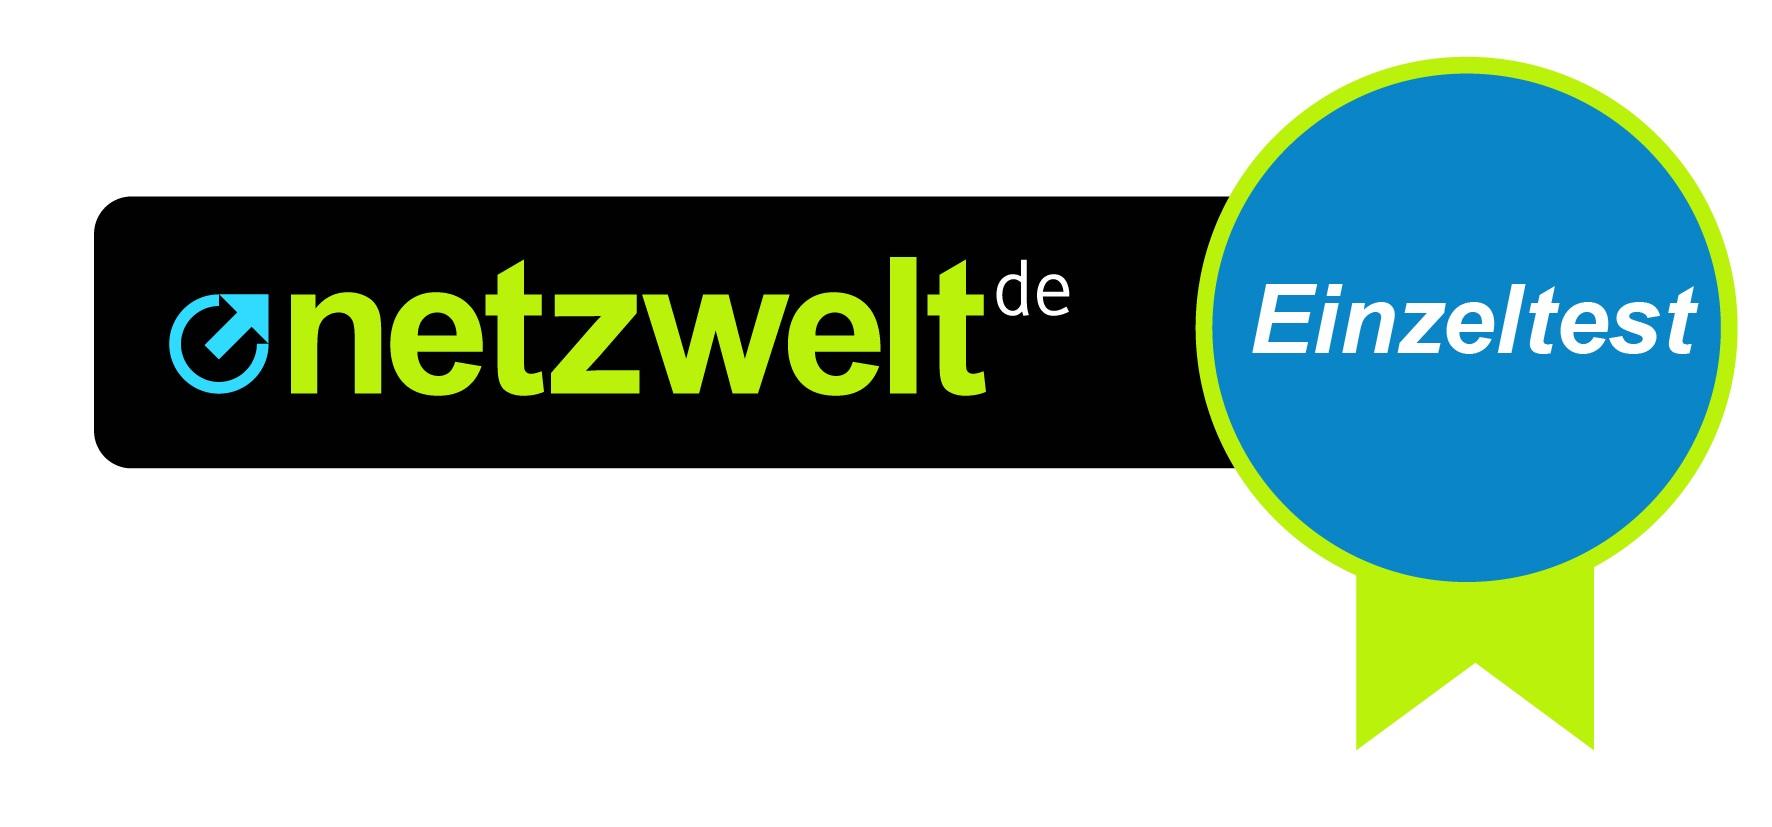 BD660_netzwelt.de_0112